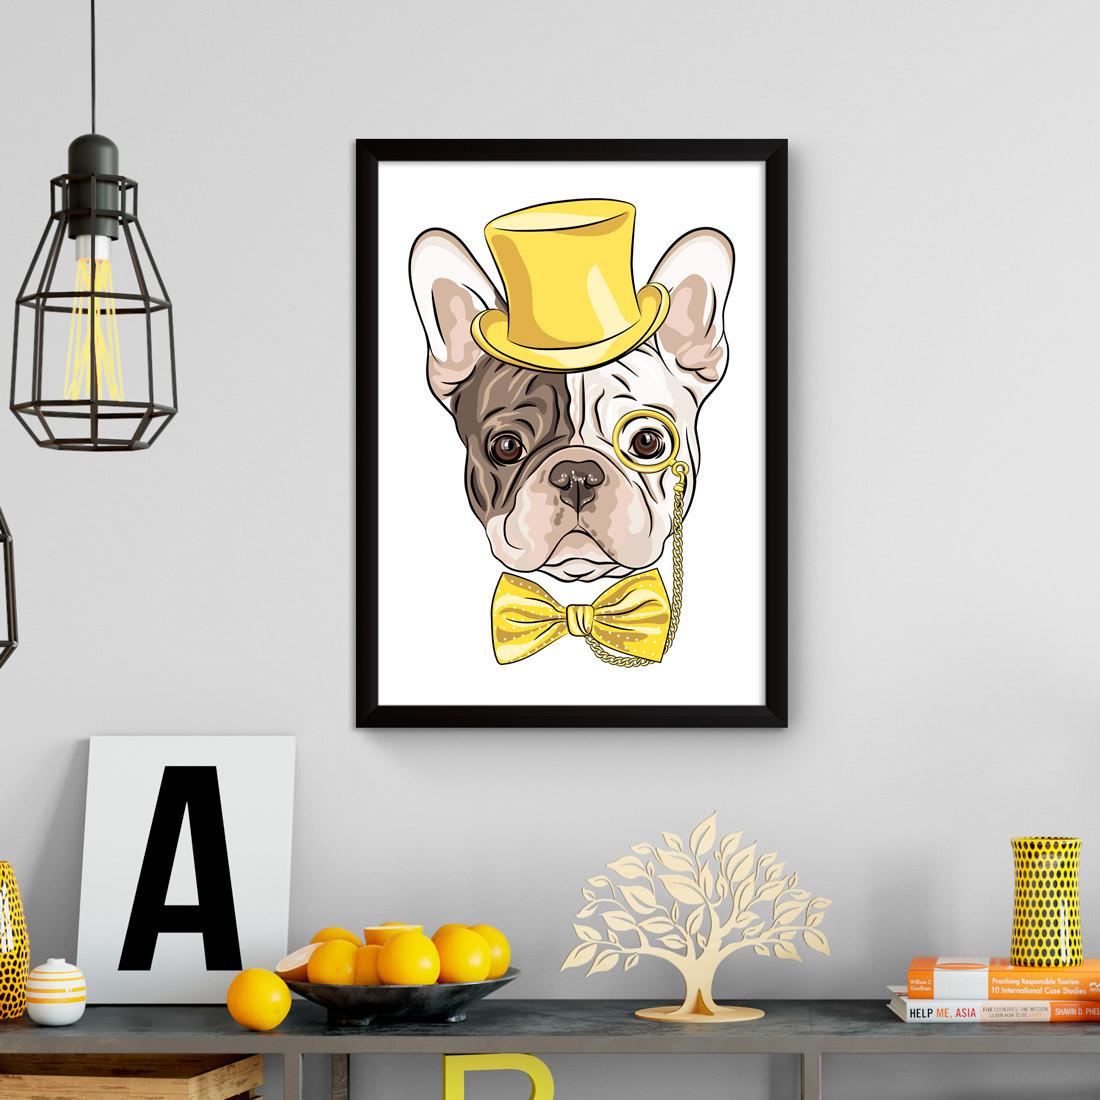 Quadro Decorativo Bulldog Hipster Cartola Monócolo